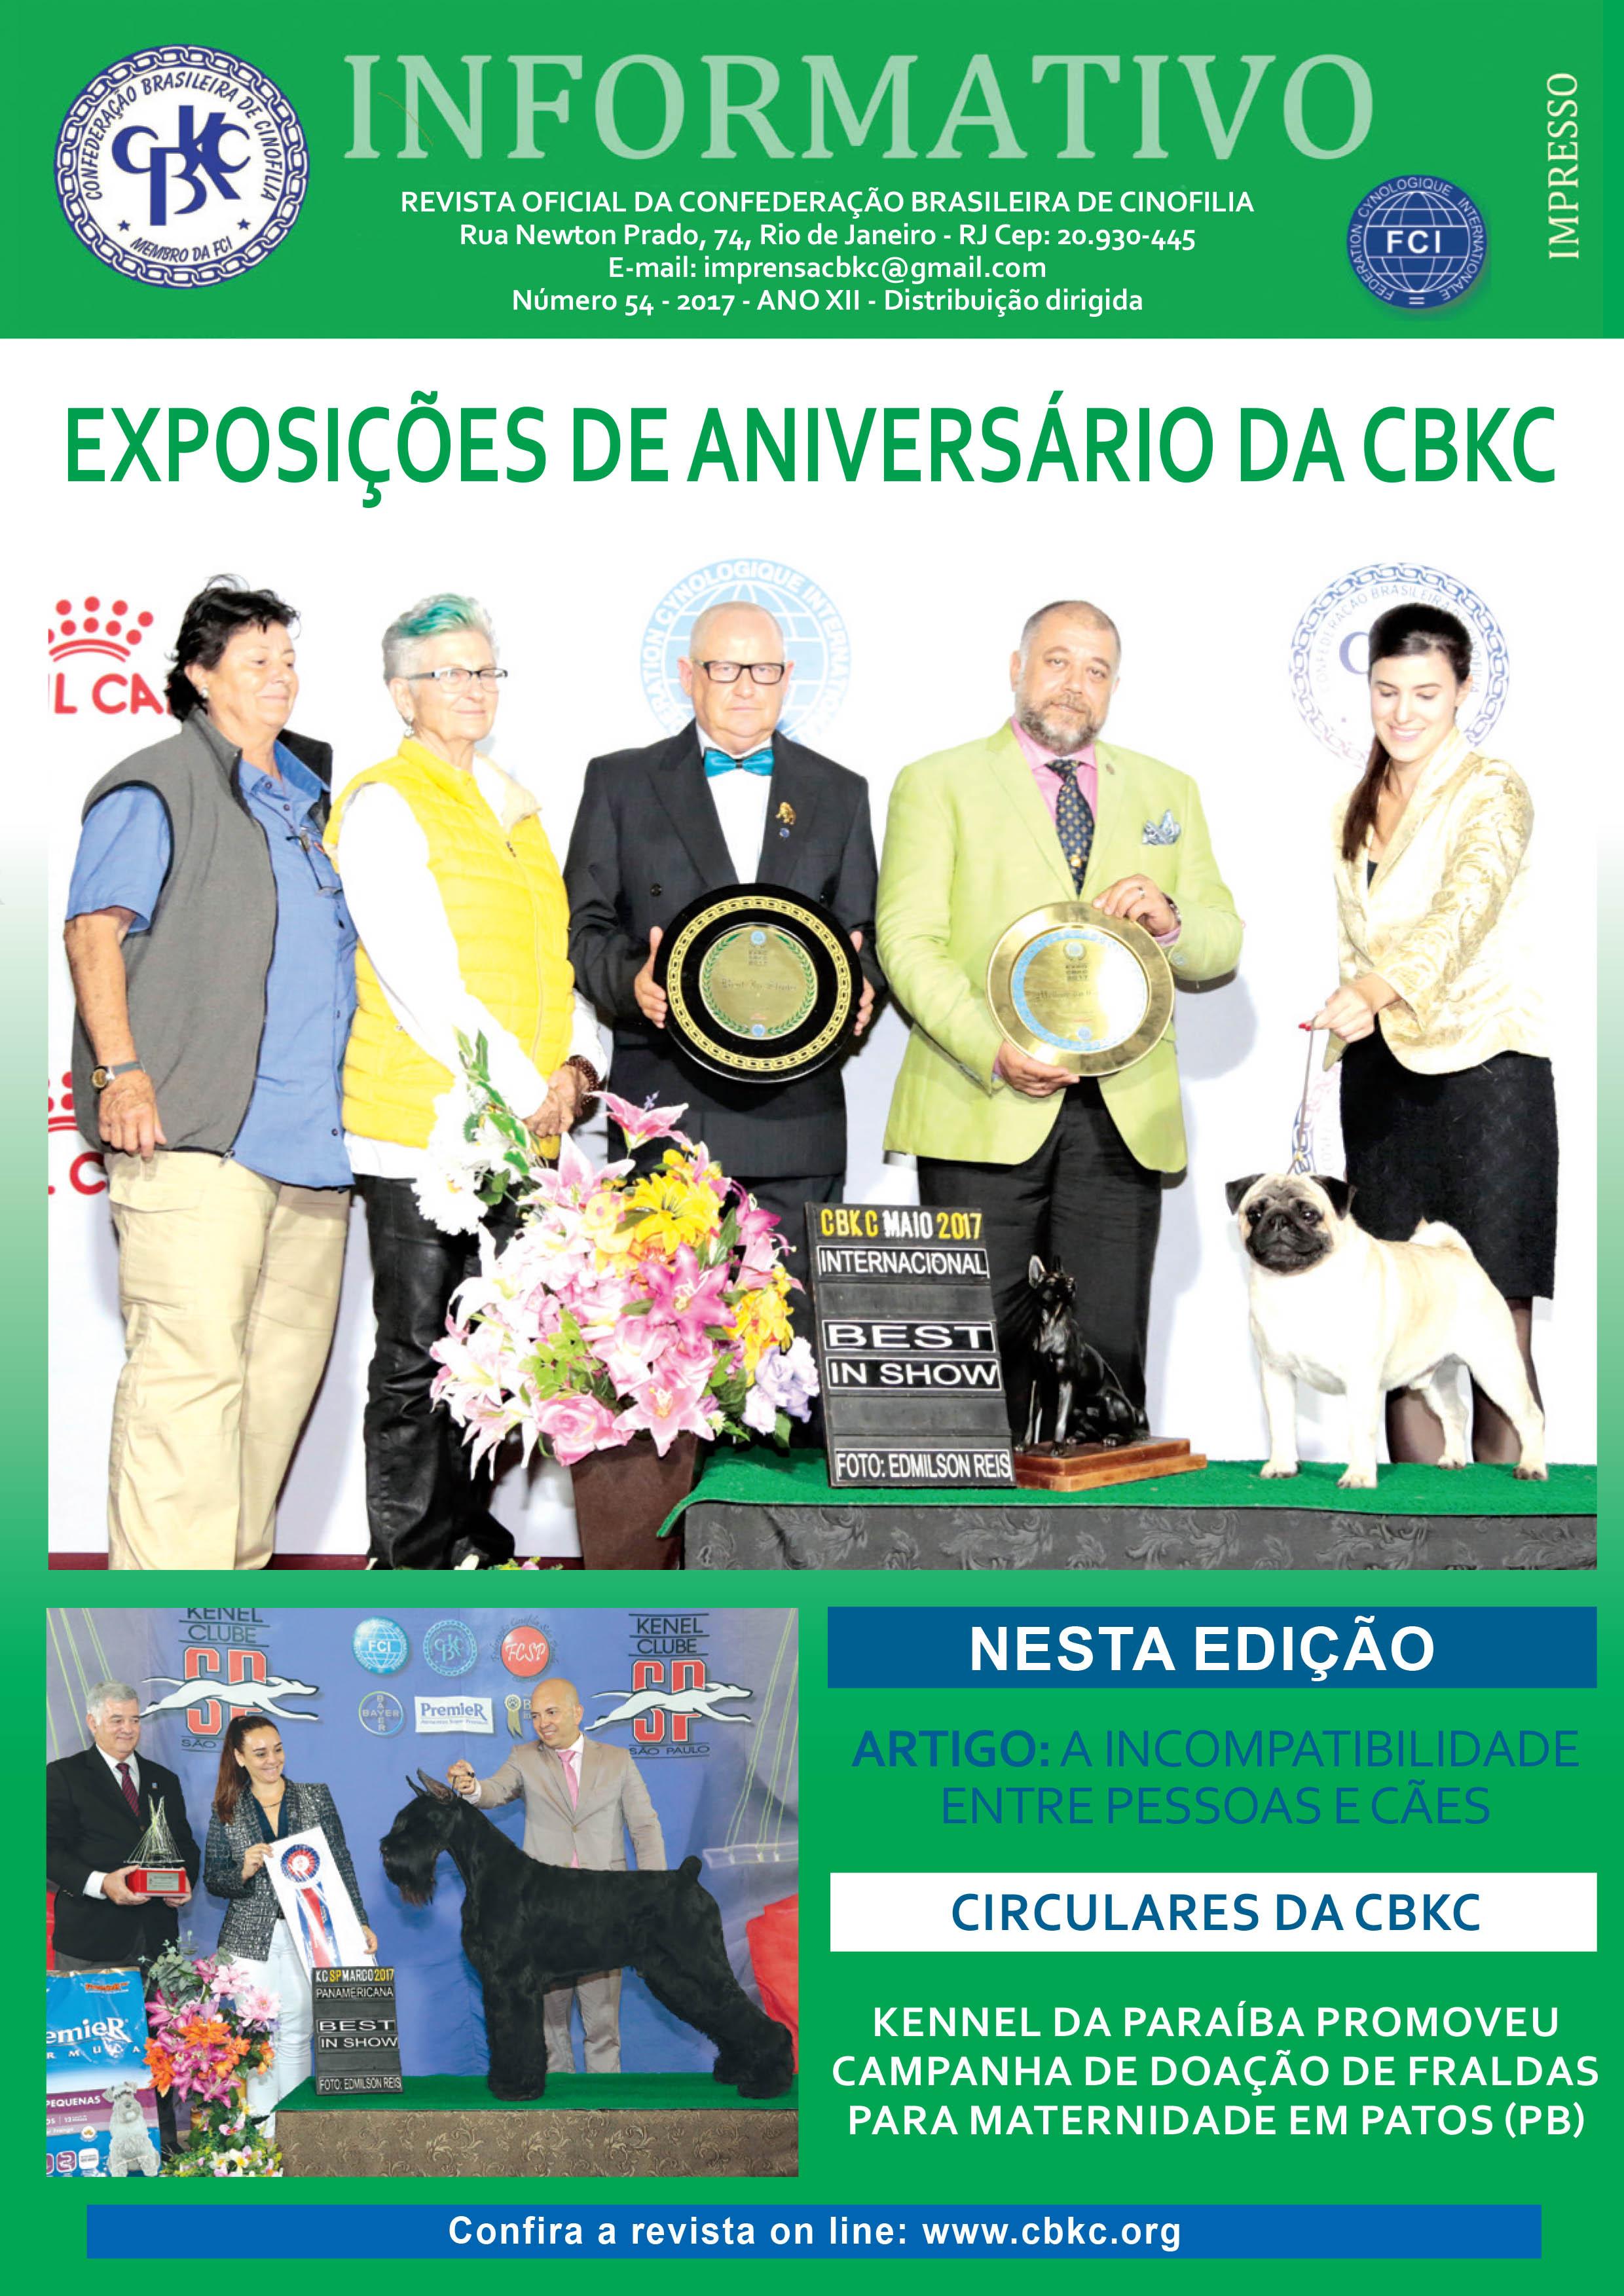 Informativo CBKC Edição 54